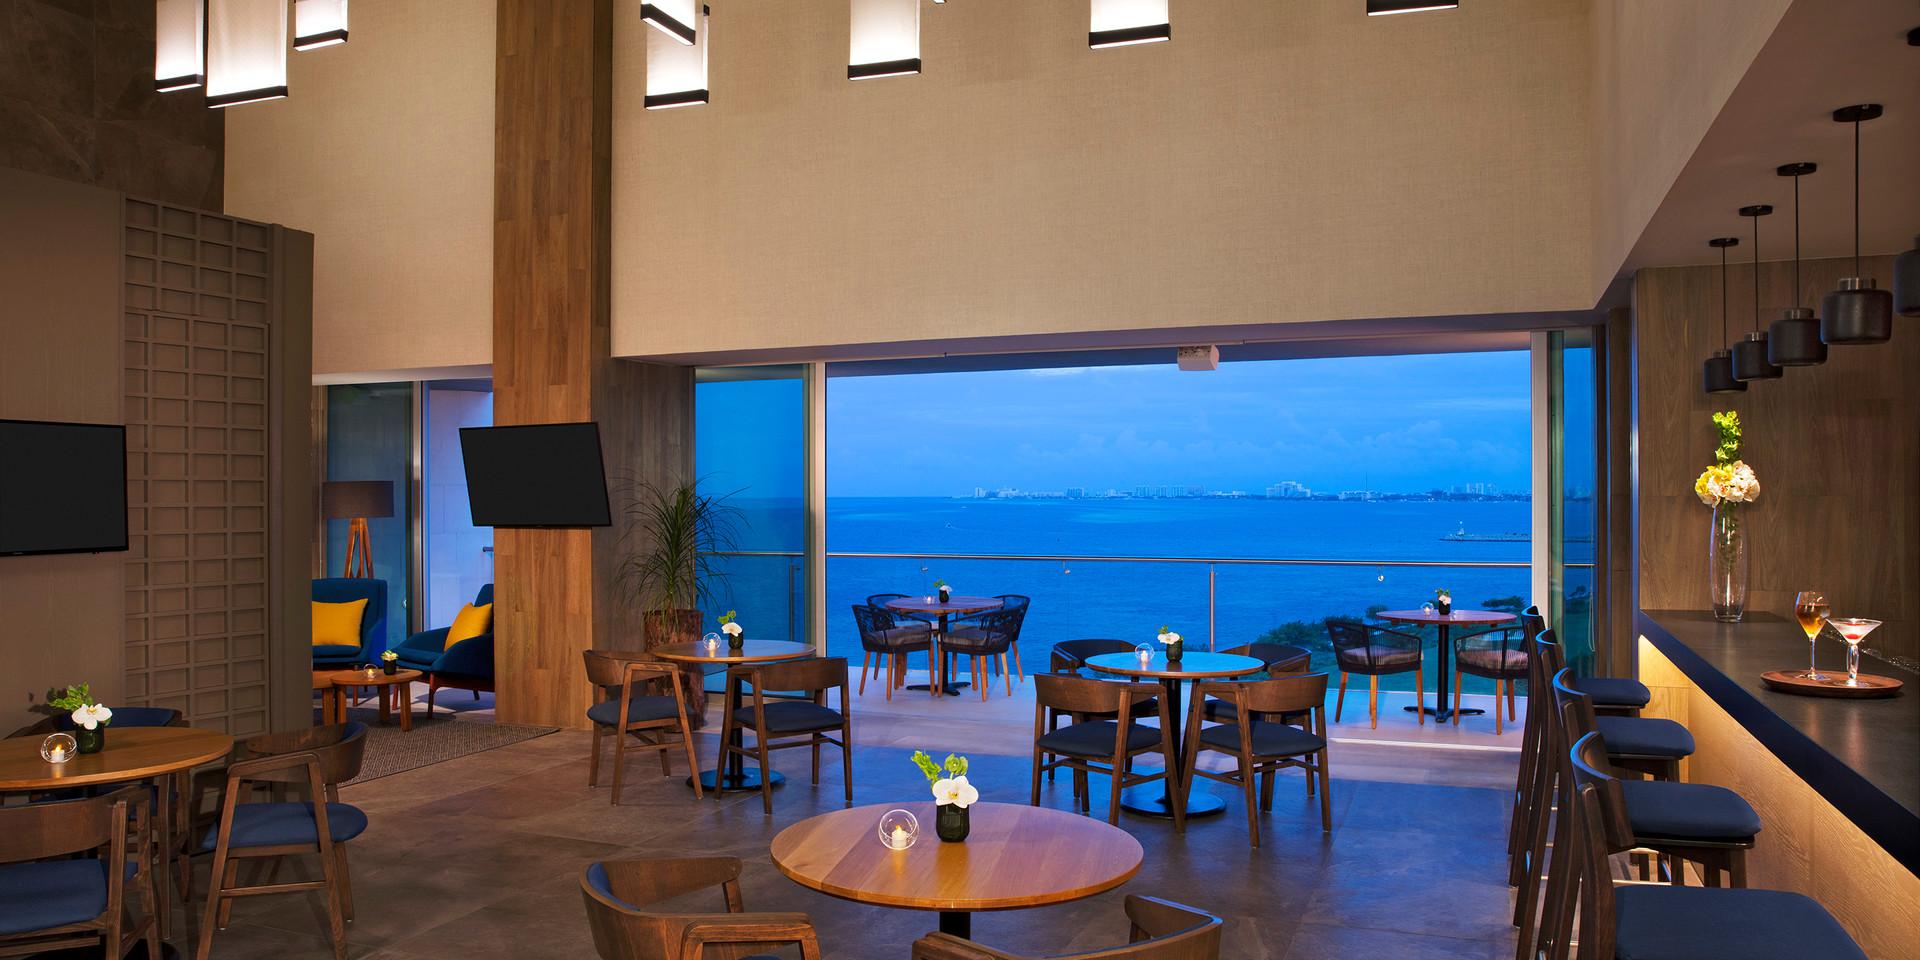 Preferred Club Bar | Preferred Club Lounge Bar